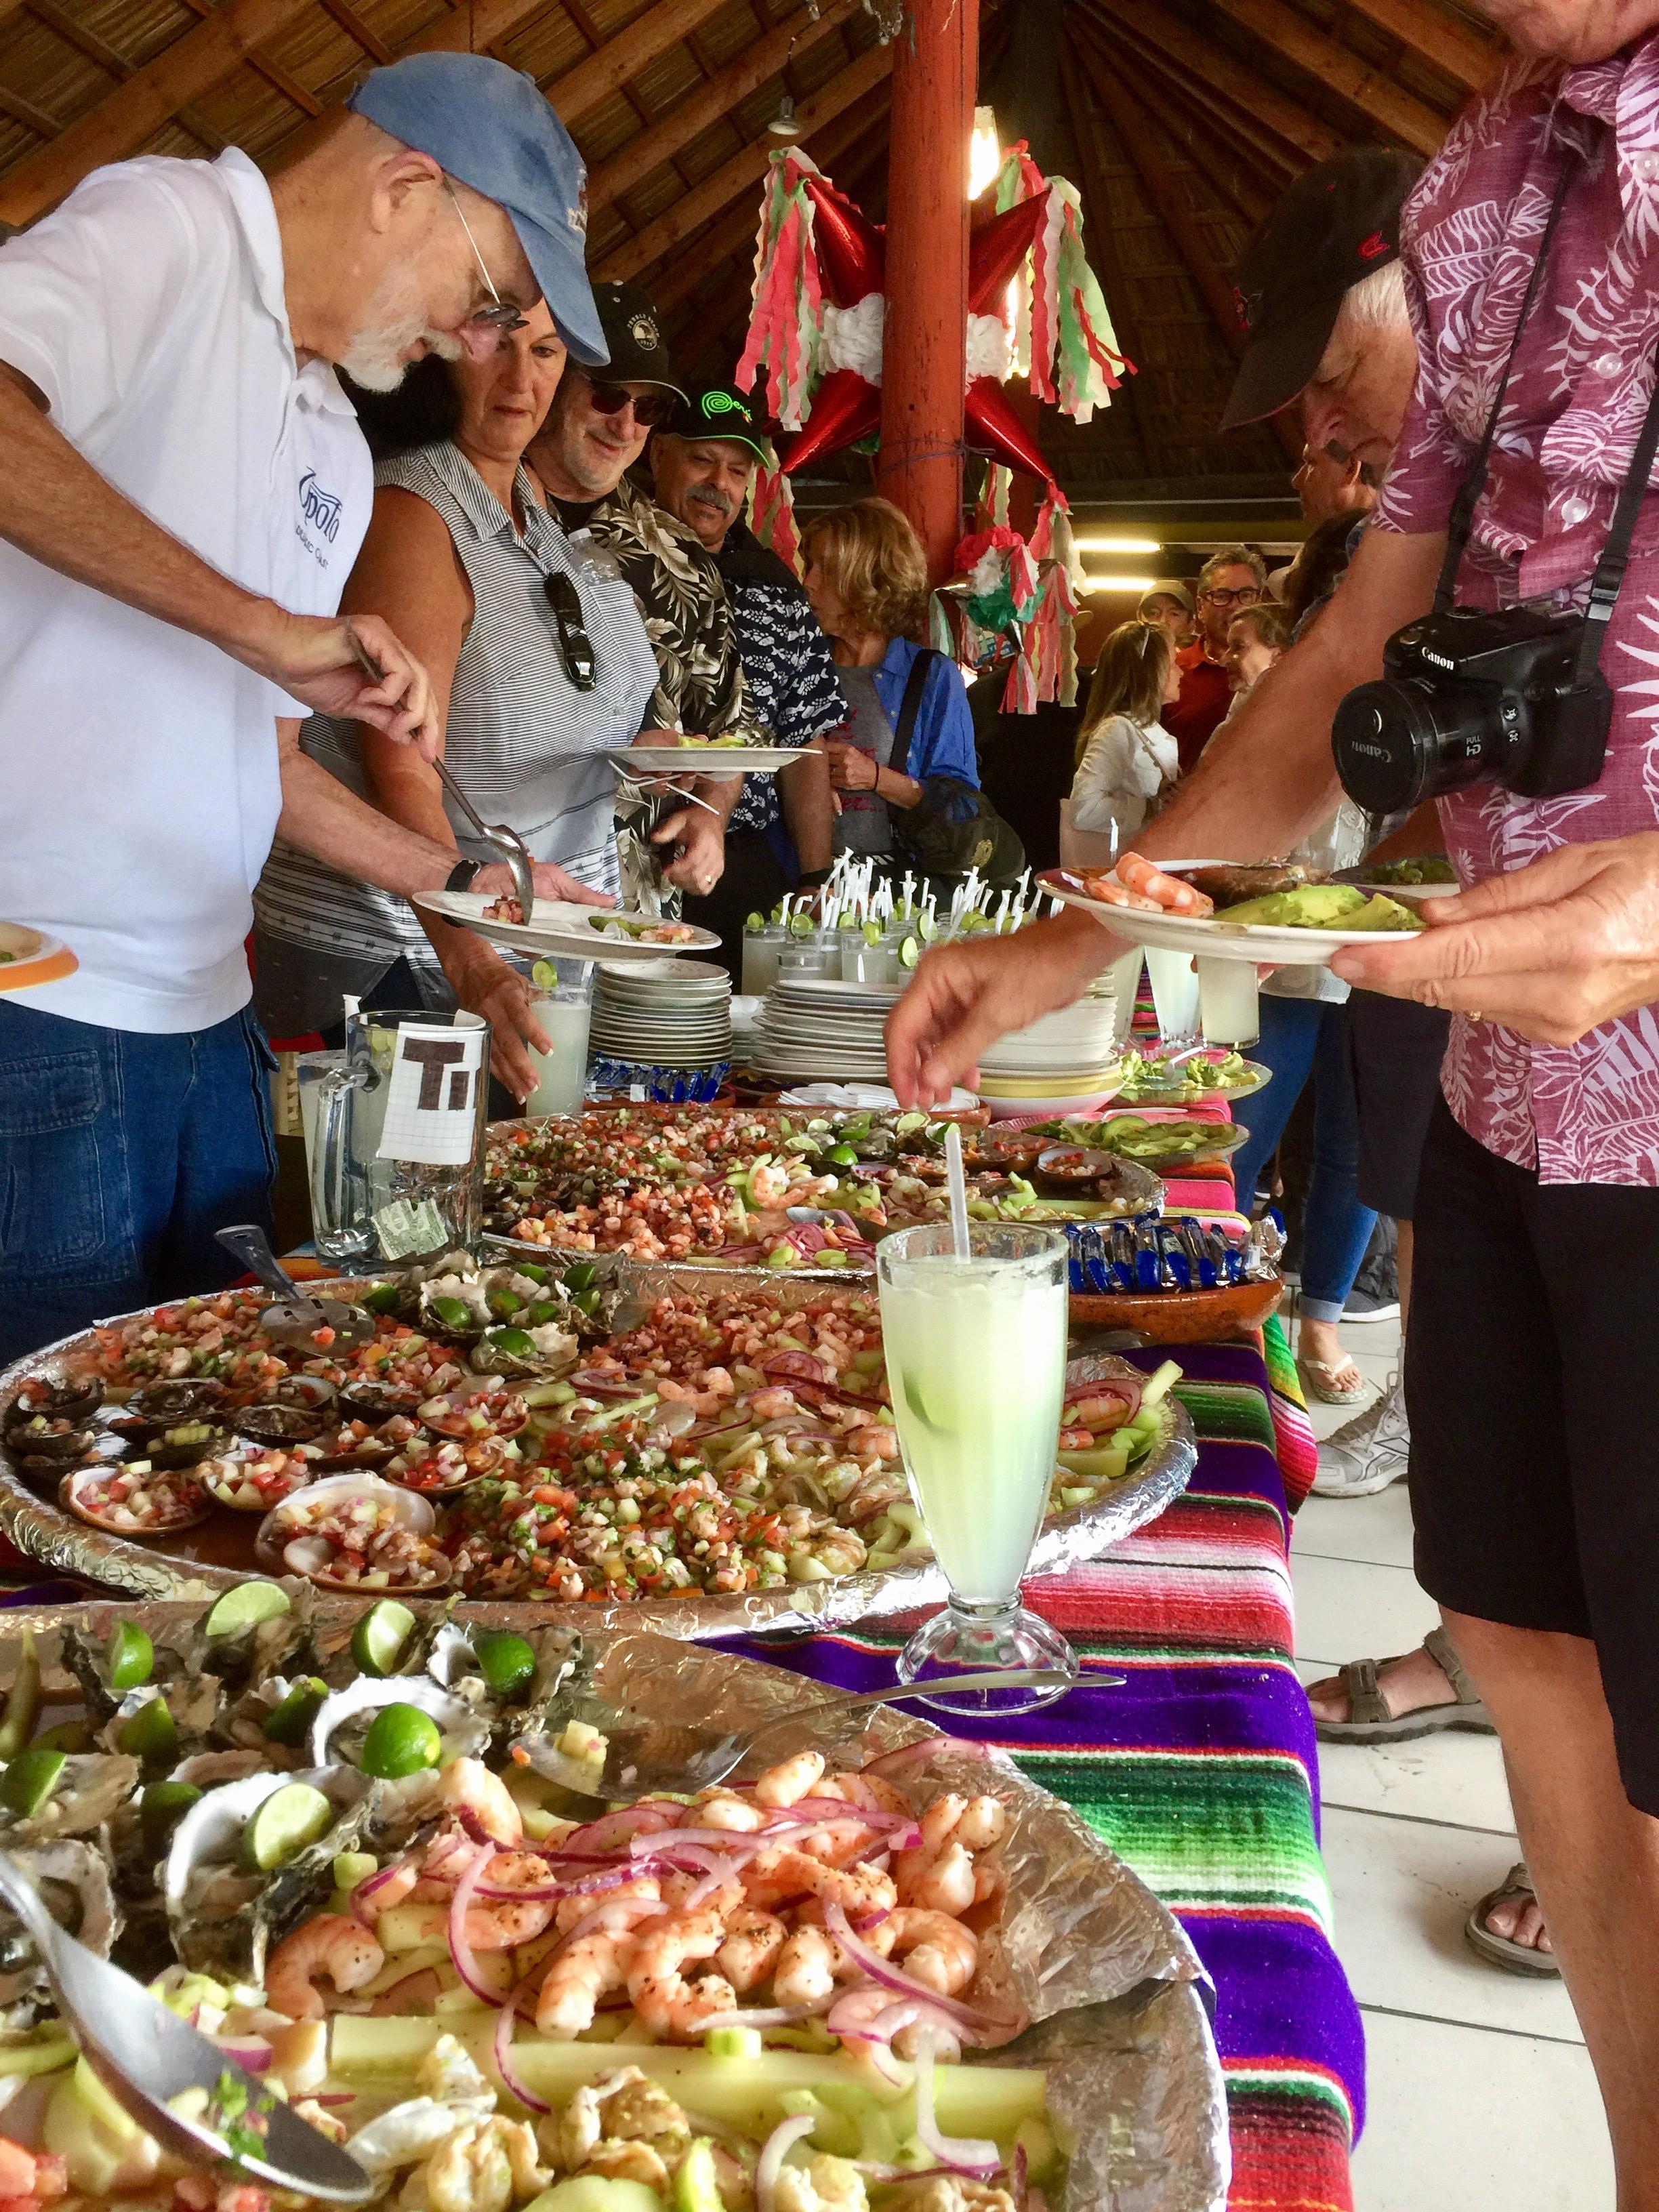 Mariscos and margaritas in Puerto Popotla